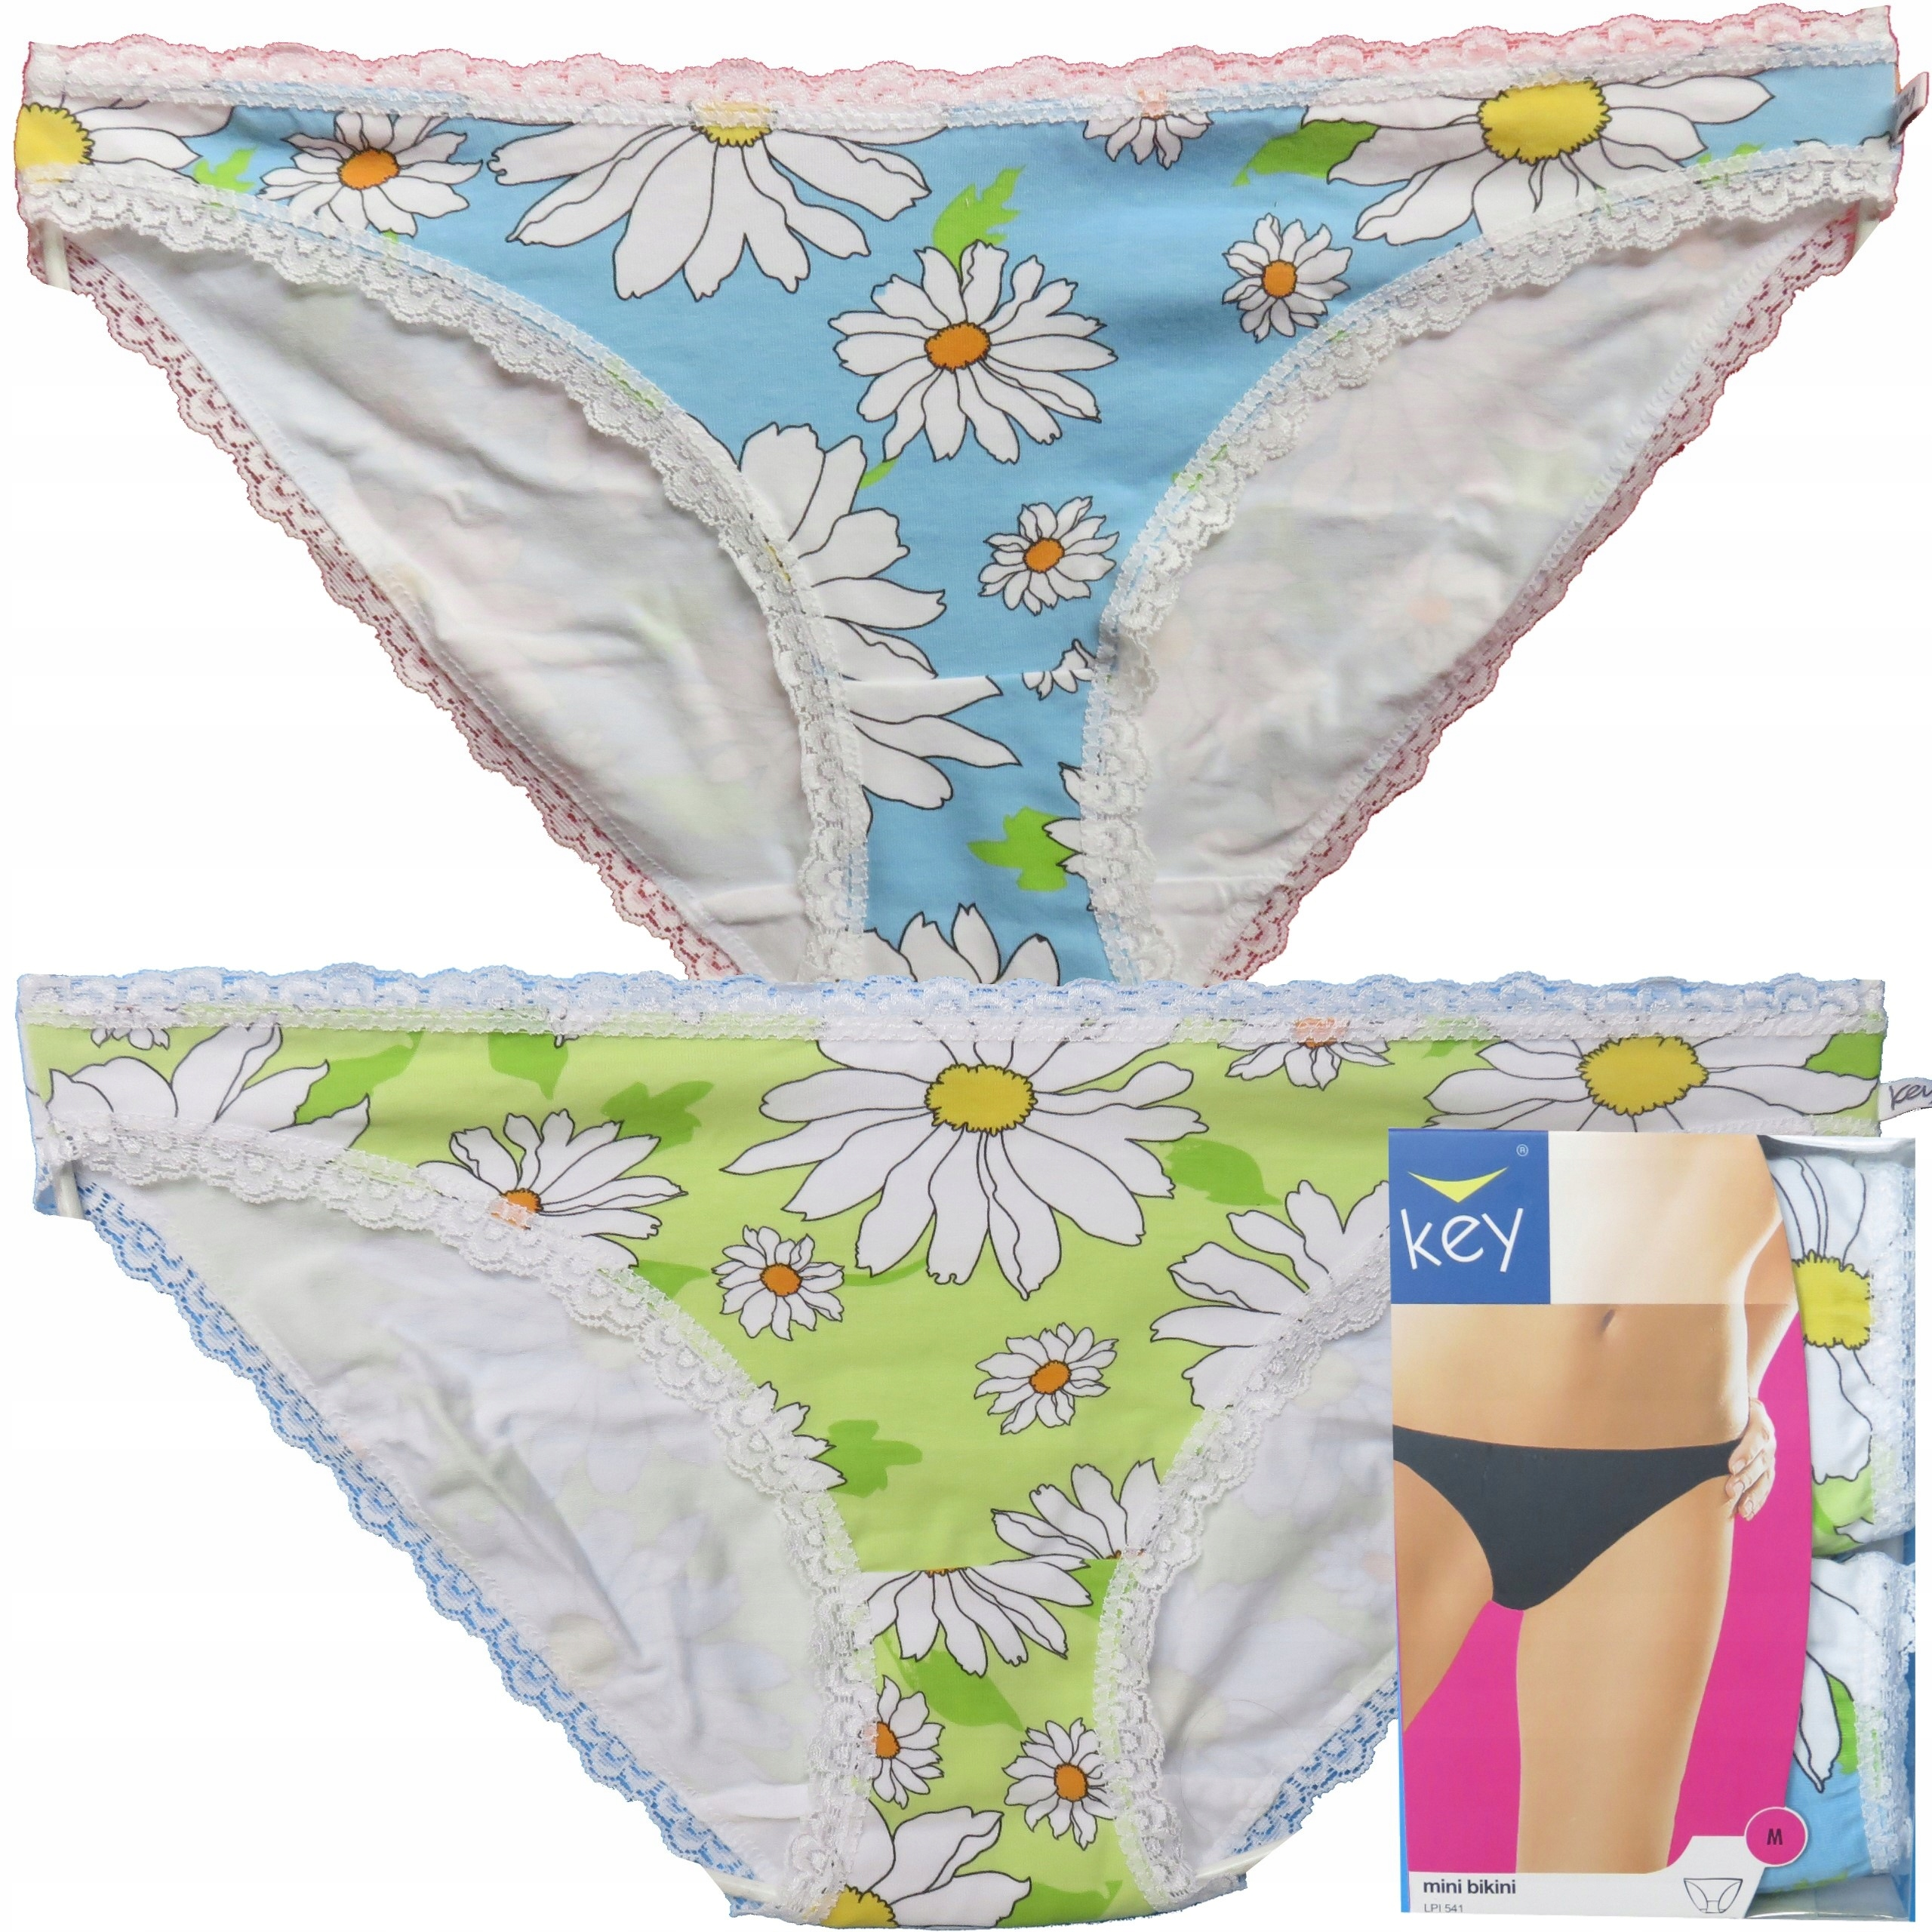 Key figi bikini Lpi 541 2-pak nieb/seledyn M